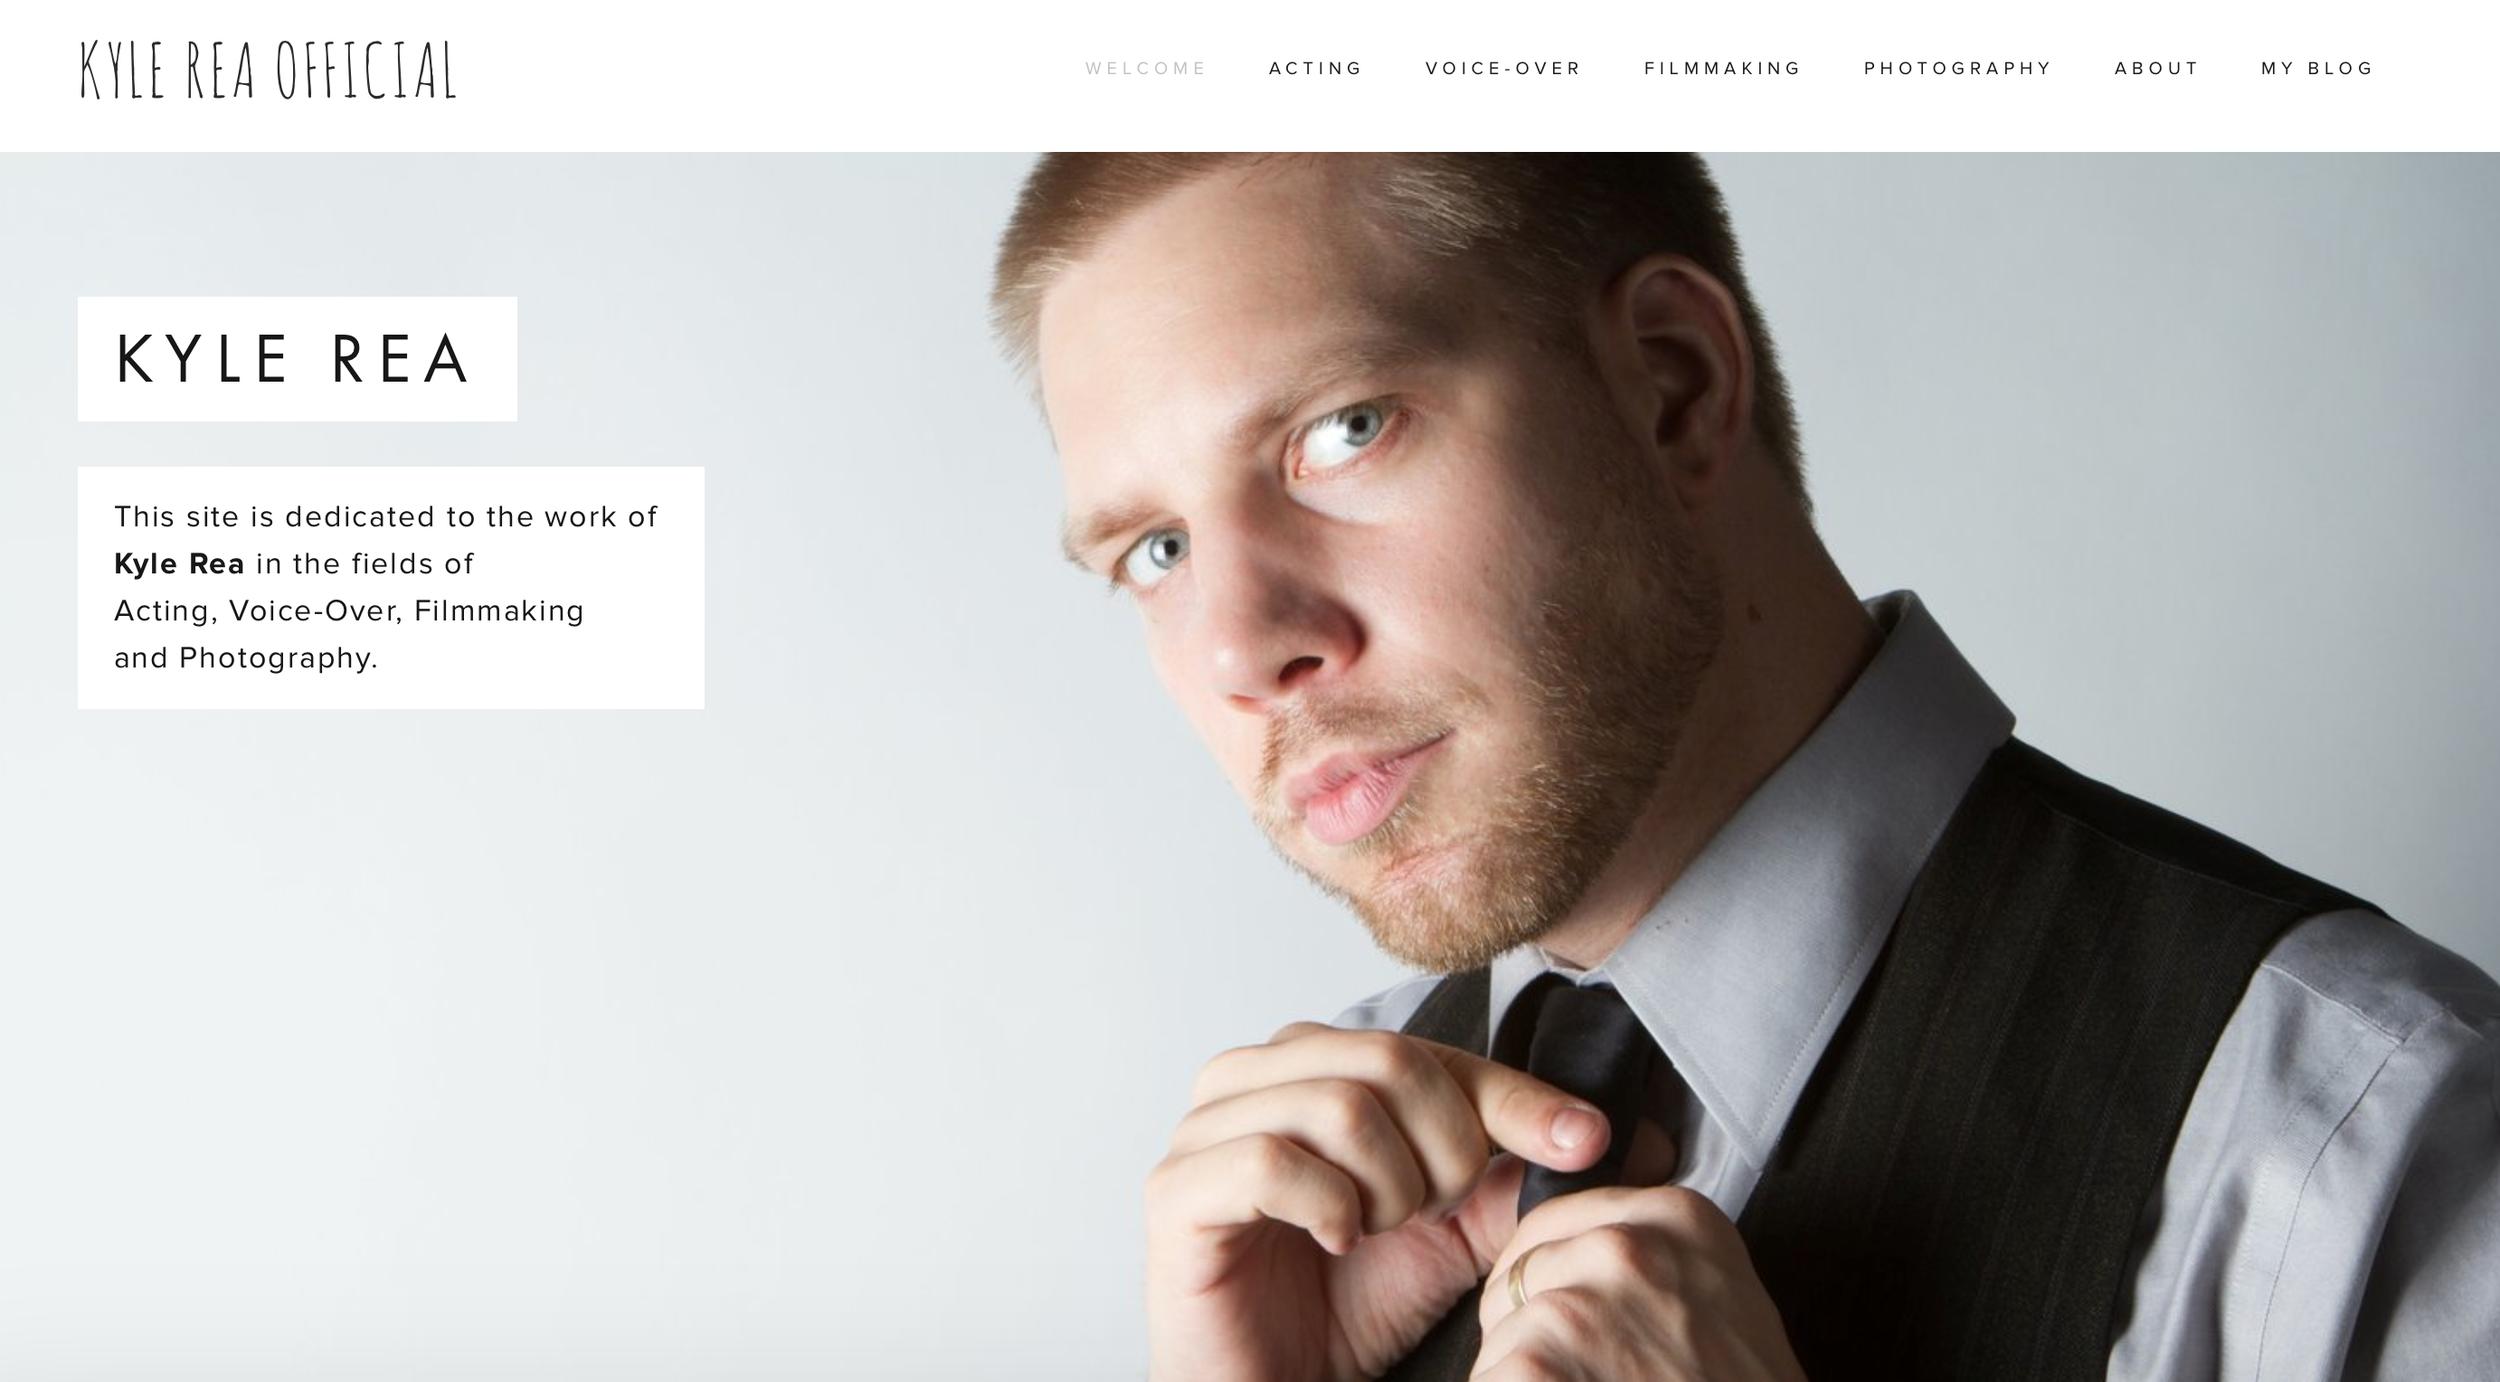 Web Designer for Artists